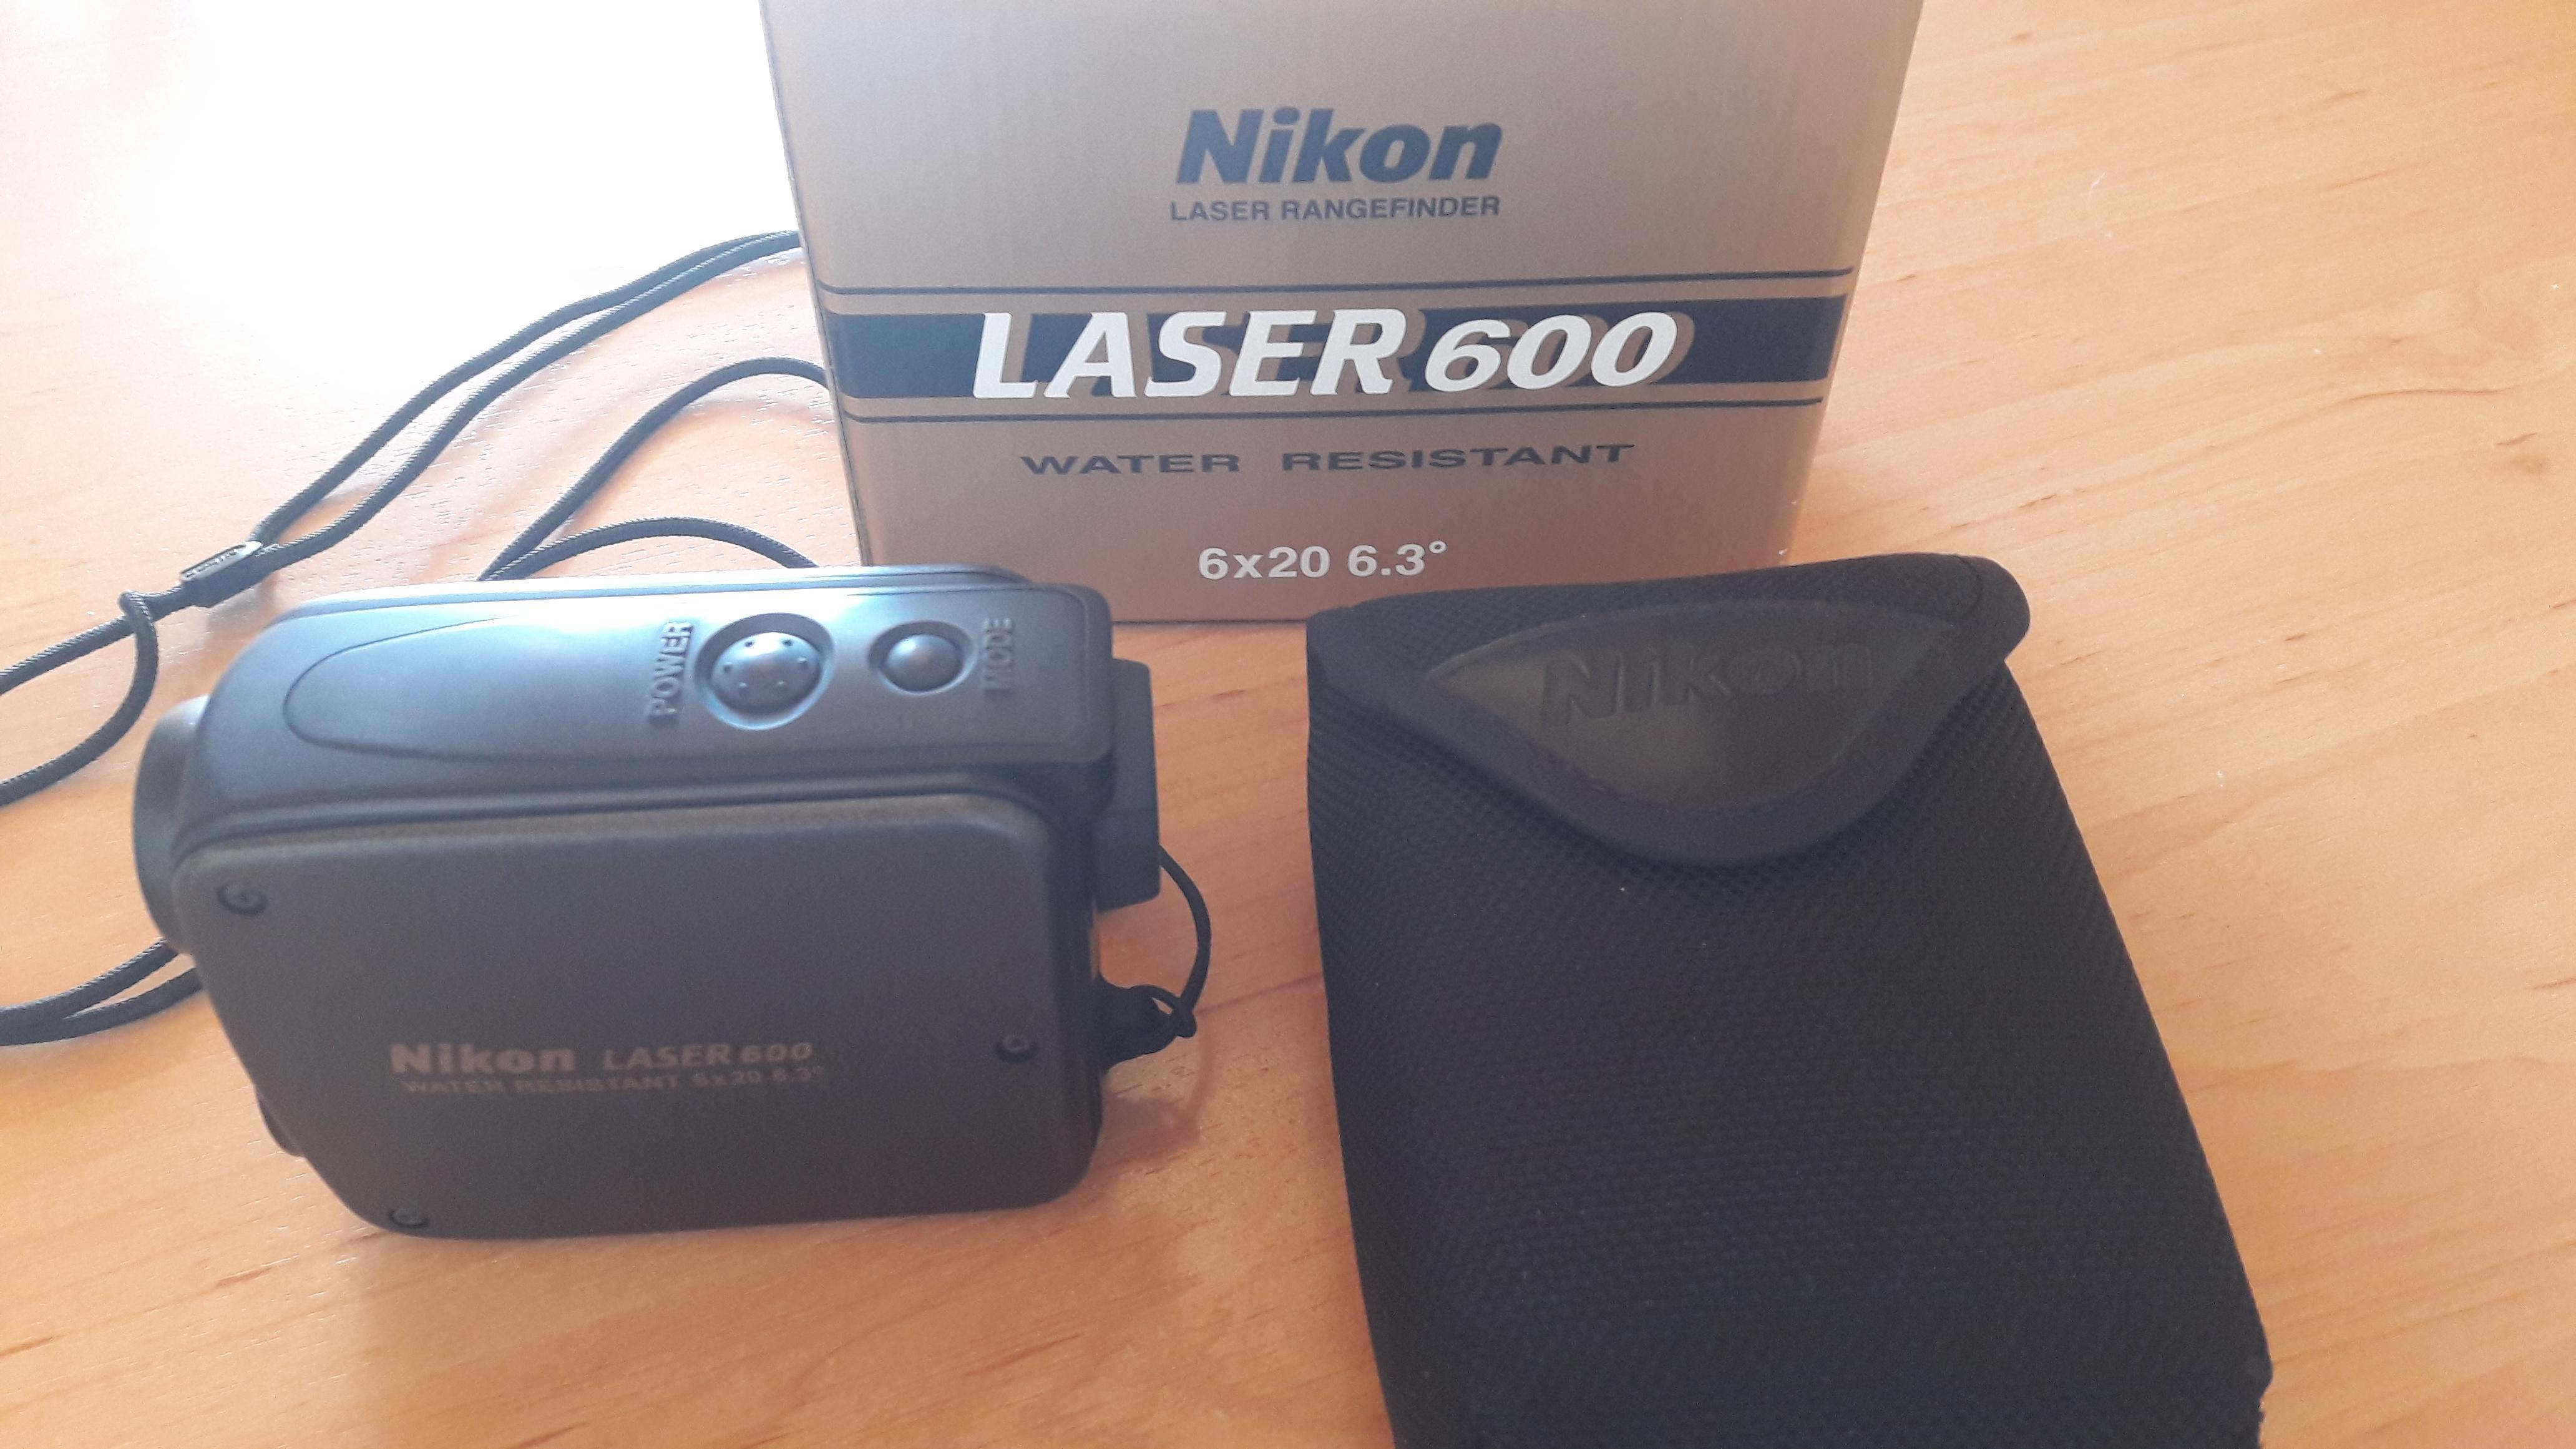 Gebraucht nikon laser entfernungsmesser in grins um u ac